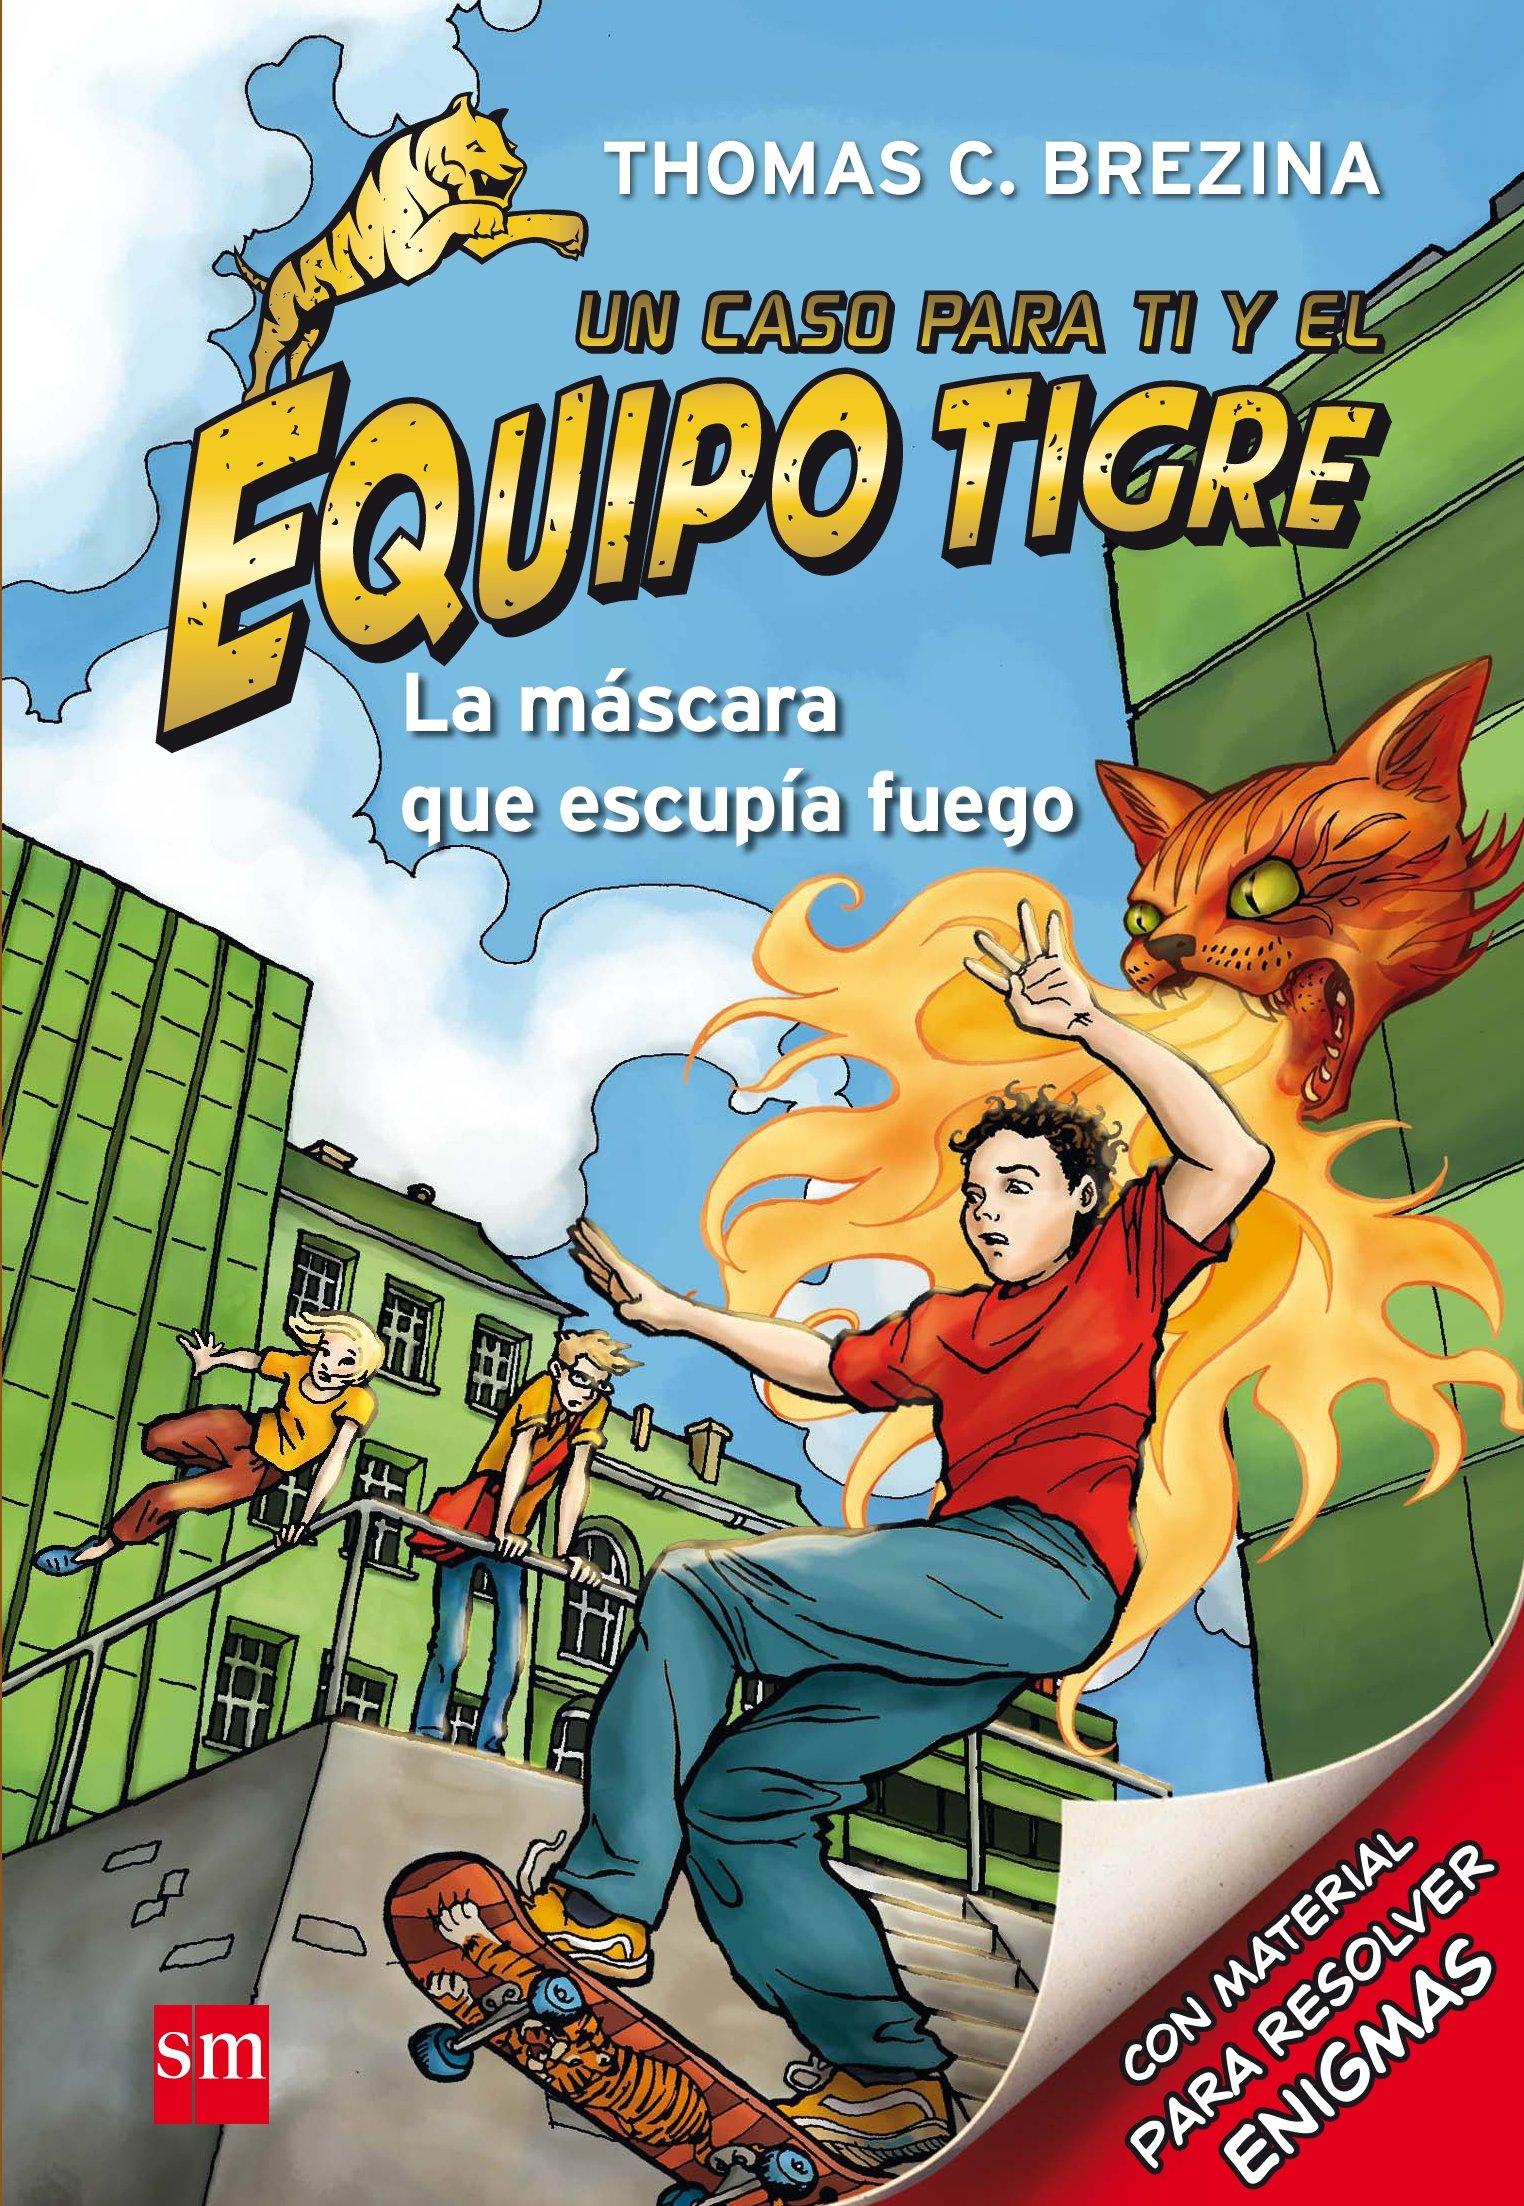 La máscara que escupía fuego (Equipo tigre): Amazon.es: Thomas Brezina, Caroline Kintzel, José Antonio Santiago Tagle: Libros